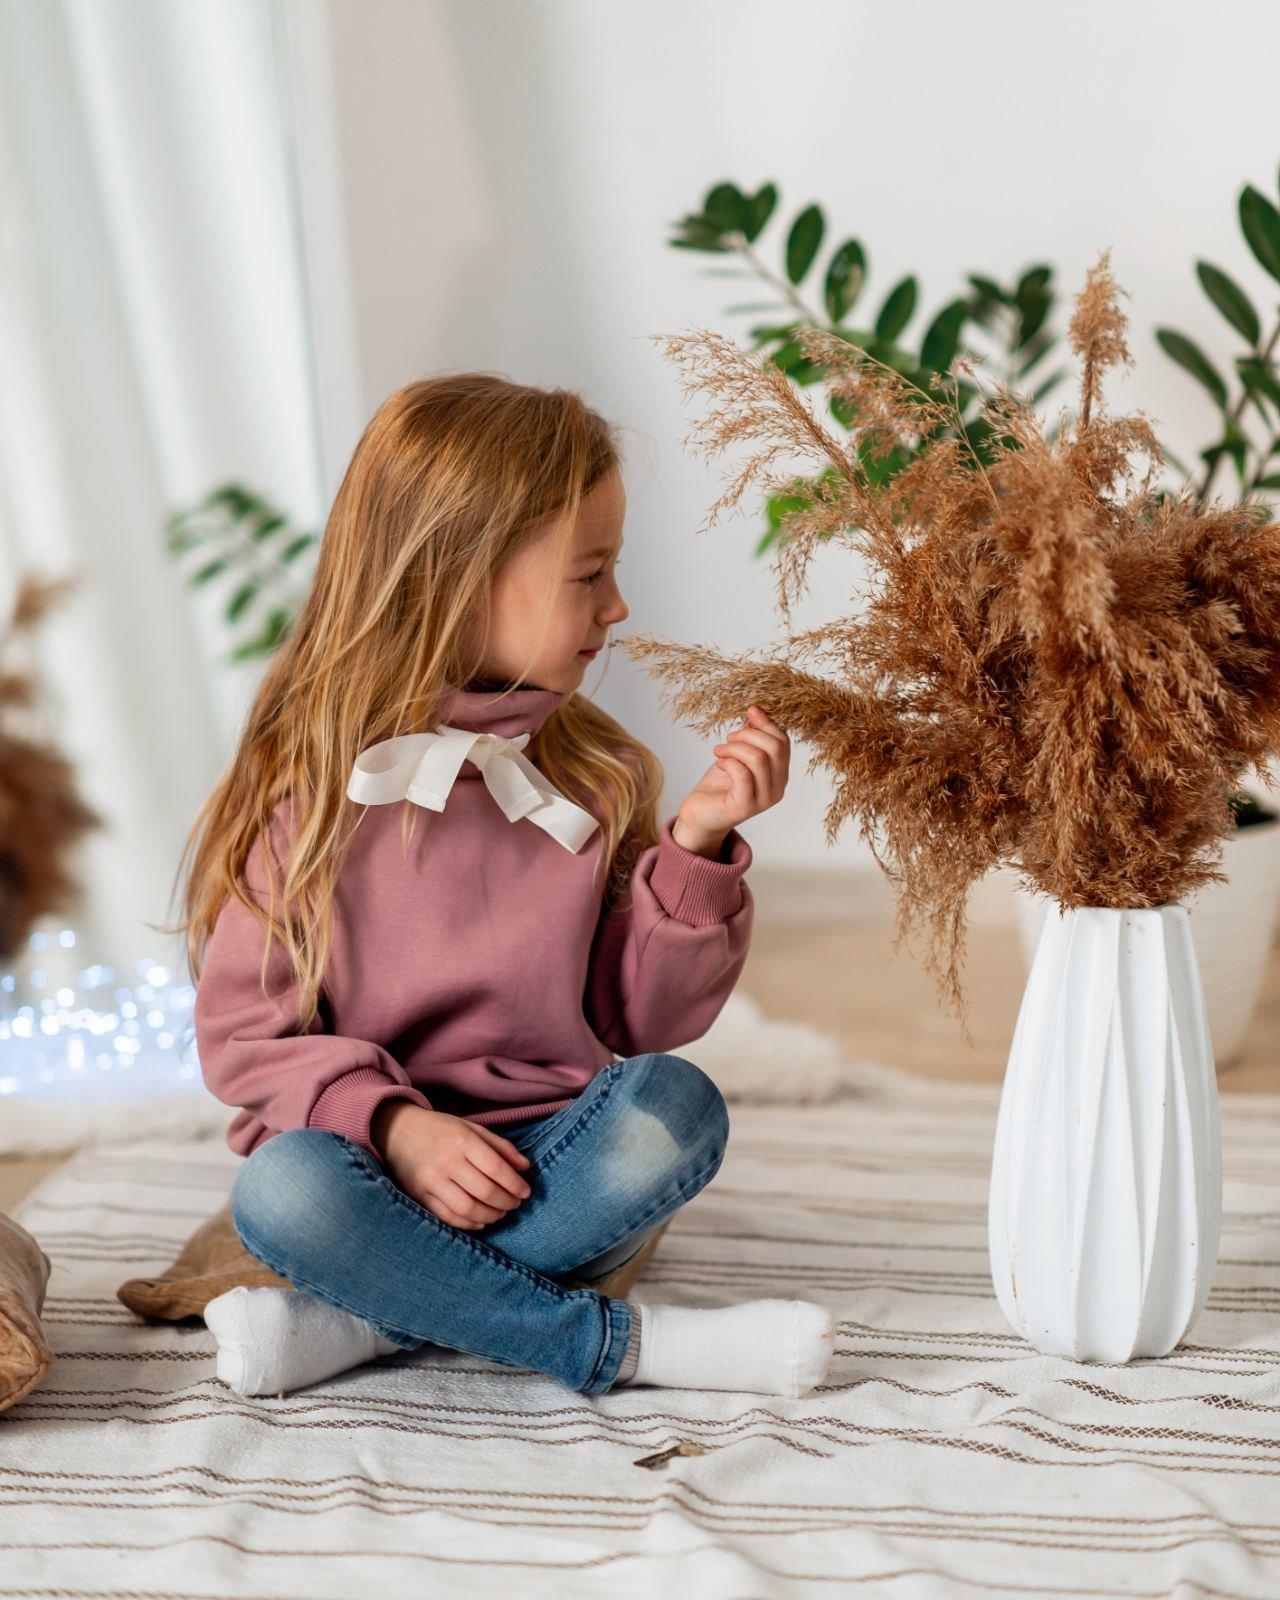 Чем порадовать ребёнка в новогодние праздники: обновки и подарки для маленьких лозовчан, фото-7